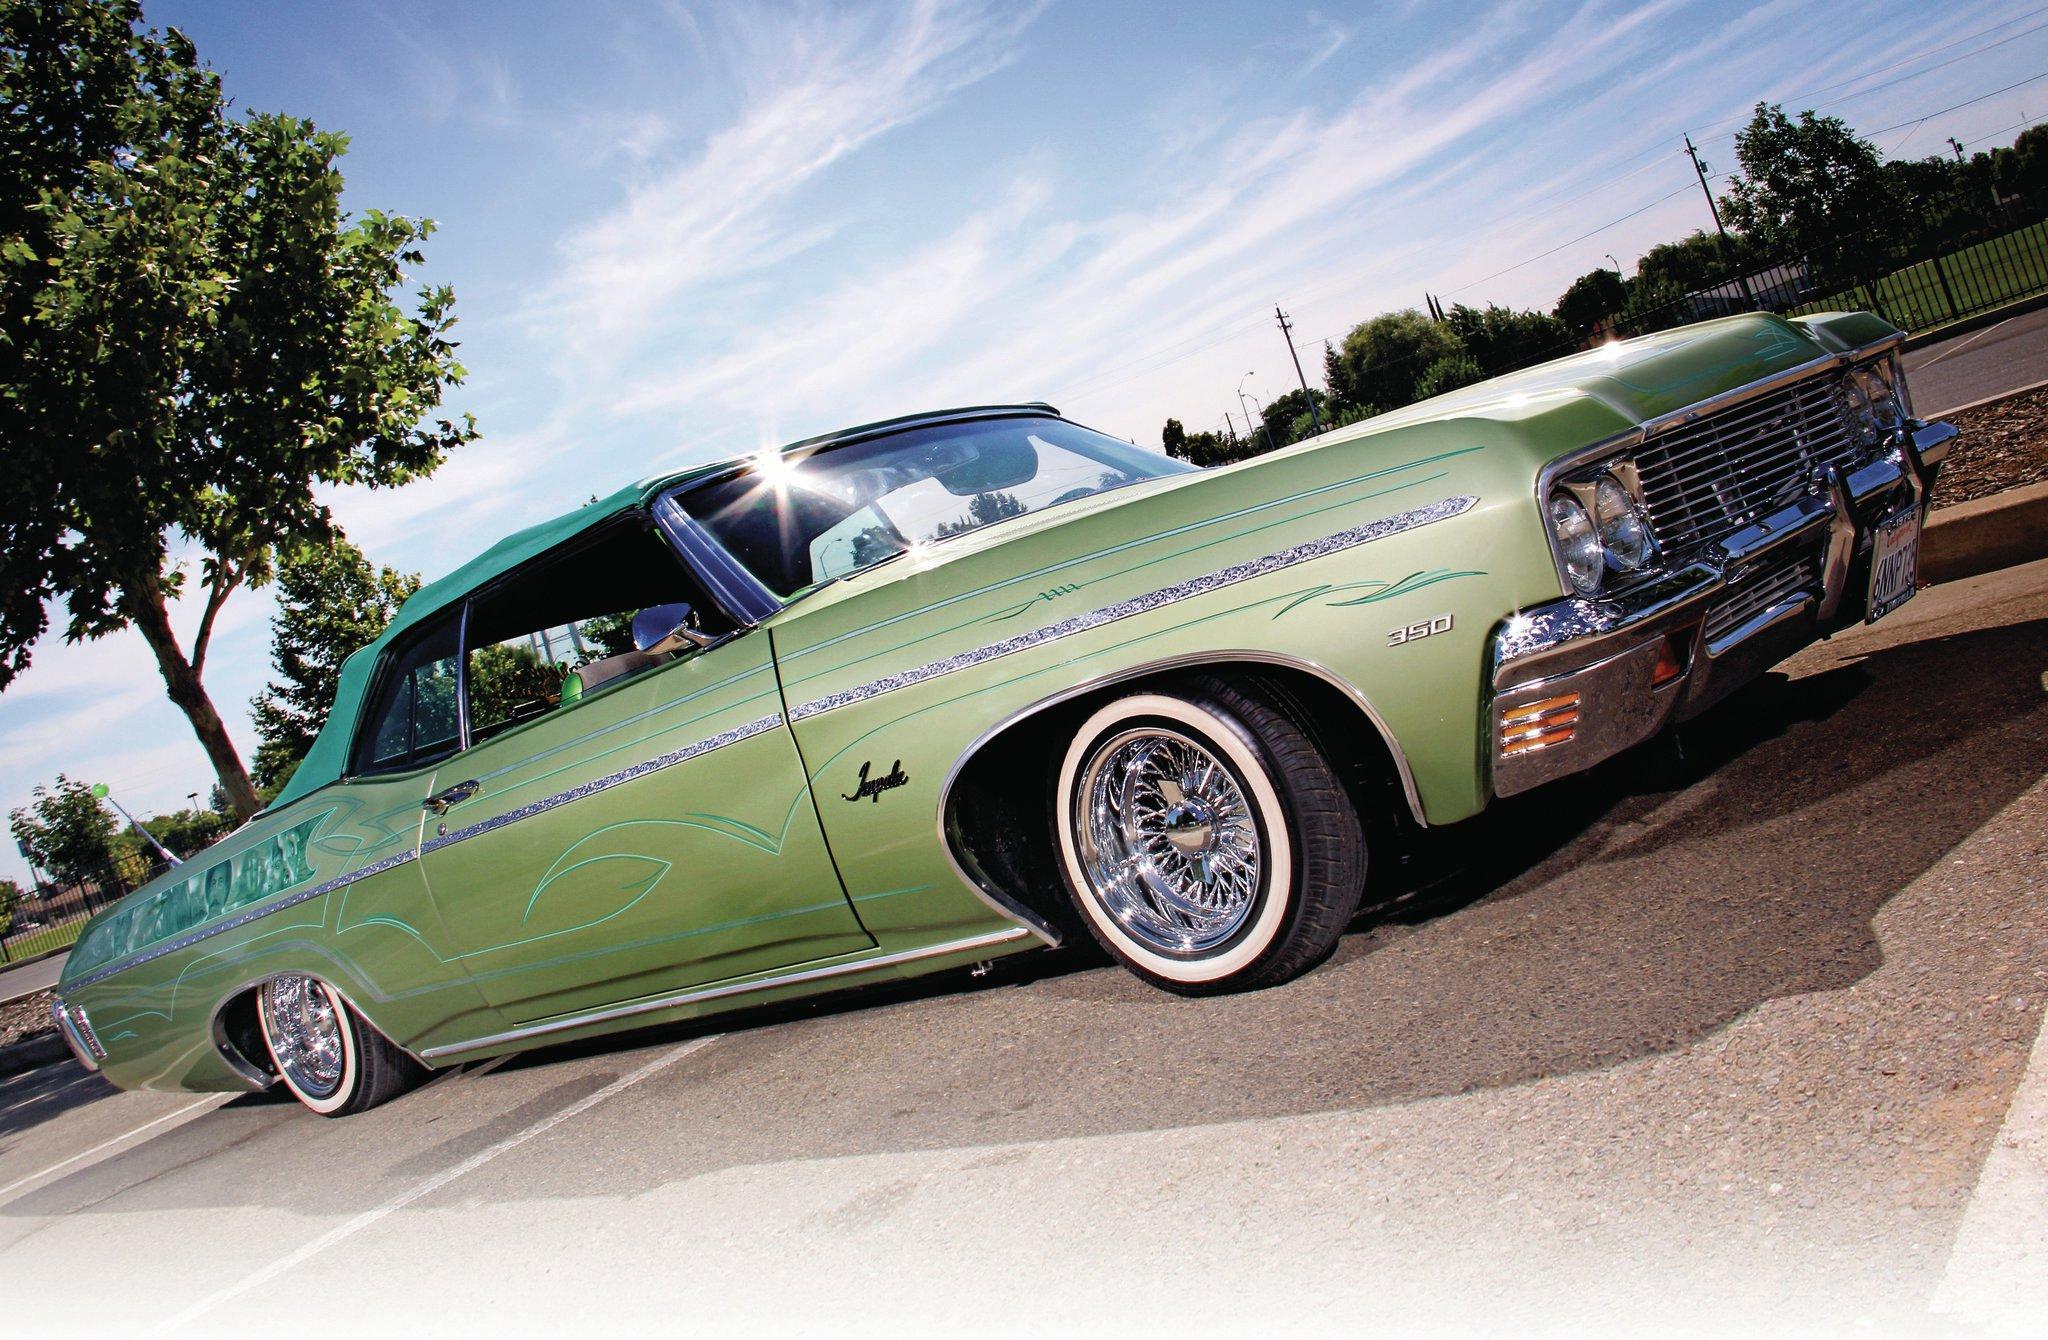 1970 Chevrolet Impala Convertible Los Jefes Los